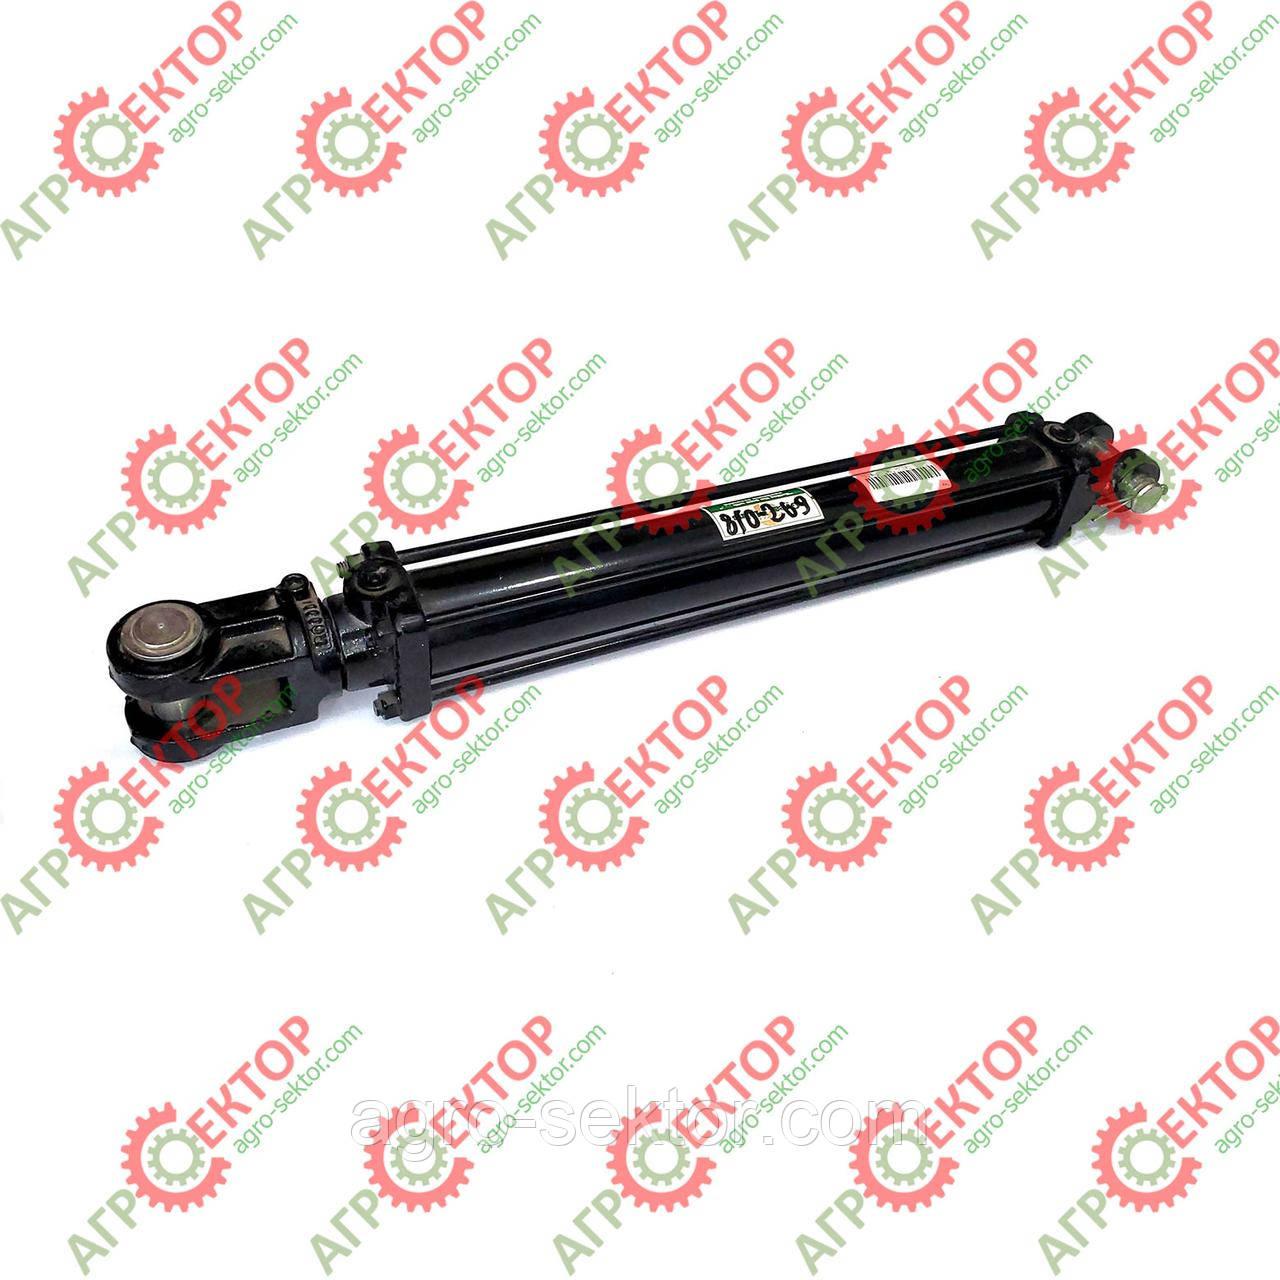 Гідроциліндр 2X20X1.12 маркера Great Plains 2000 810-205C